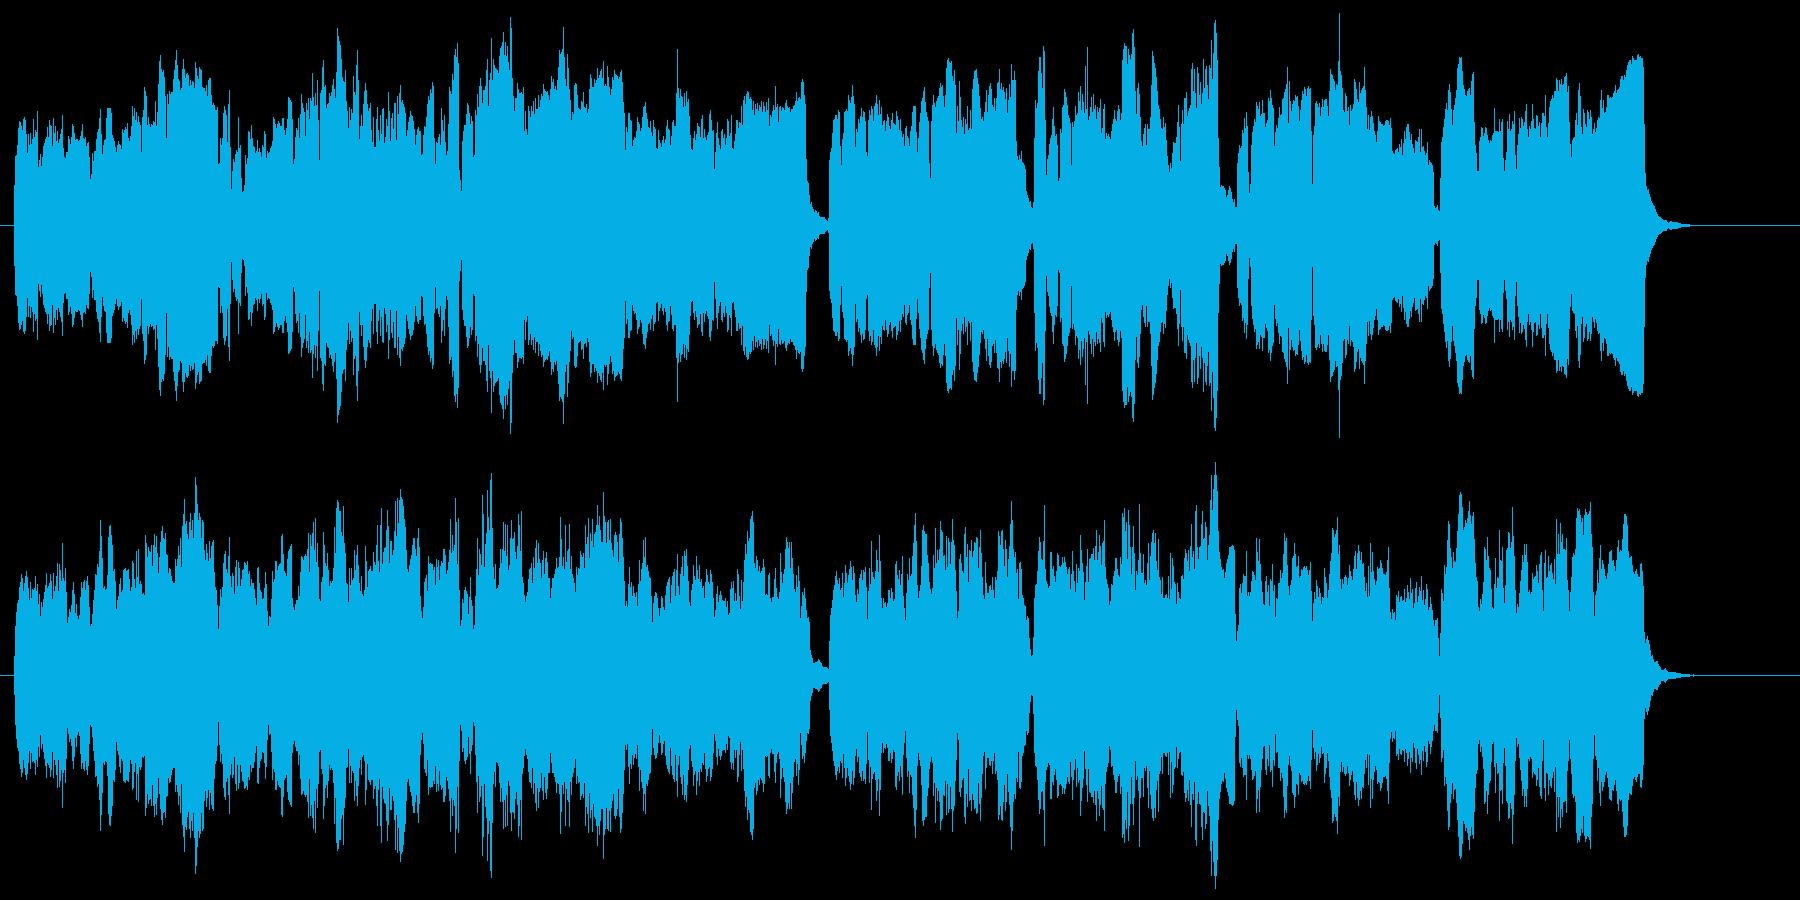 4本のトロンボーンが奏でるアンサンブルの再生済みの波形